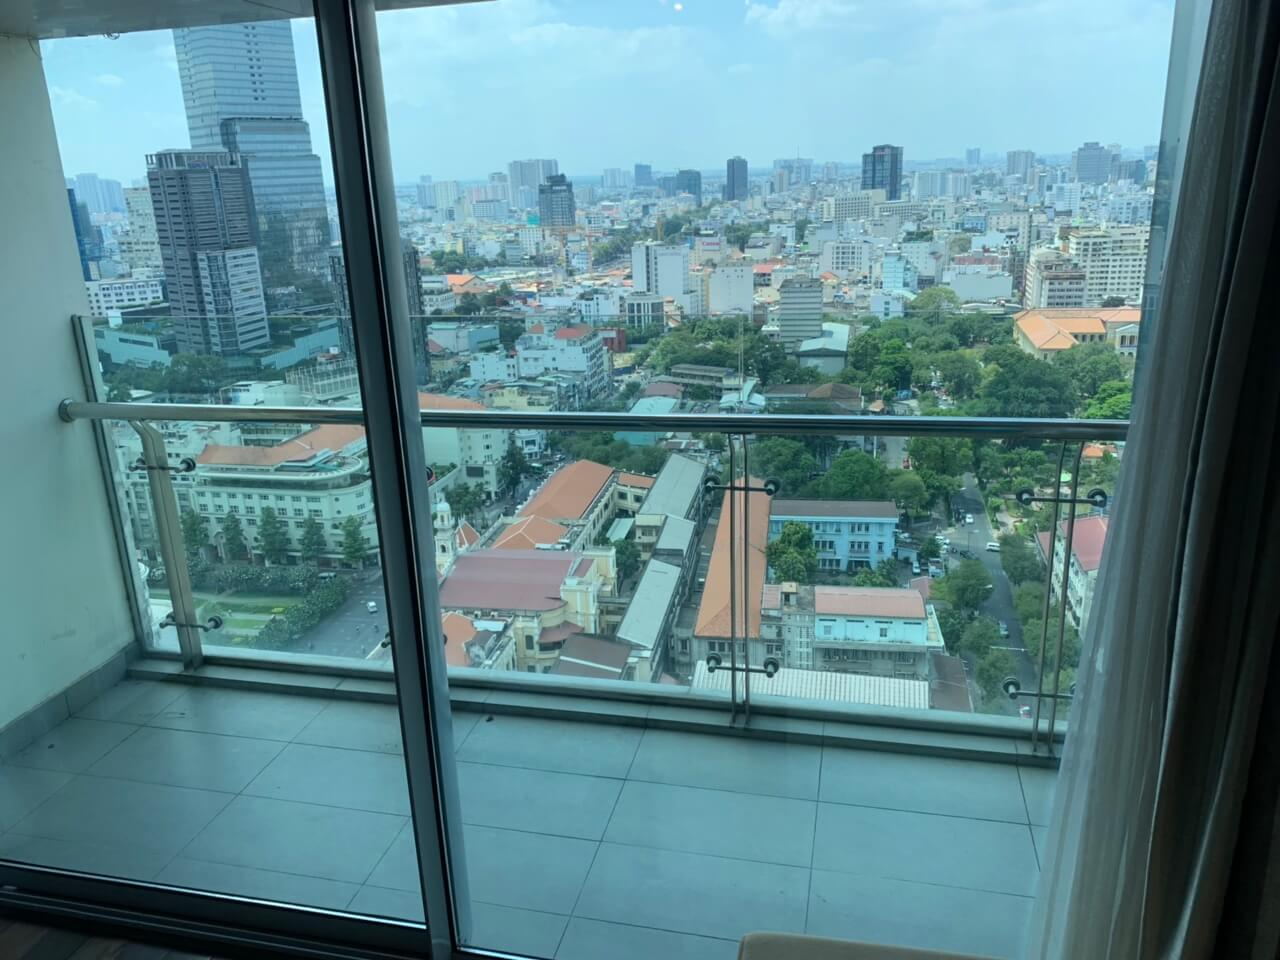 căn hộ cho thuê Vinhomes Đồng Khởi Quận 1